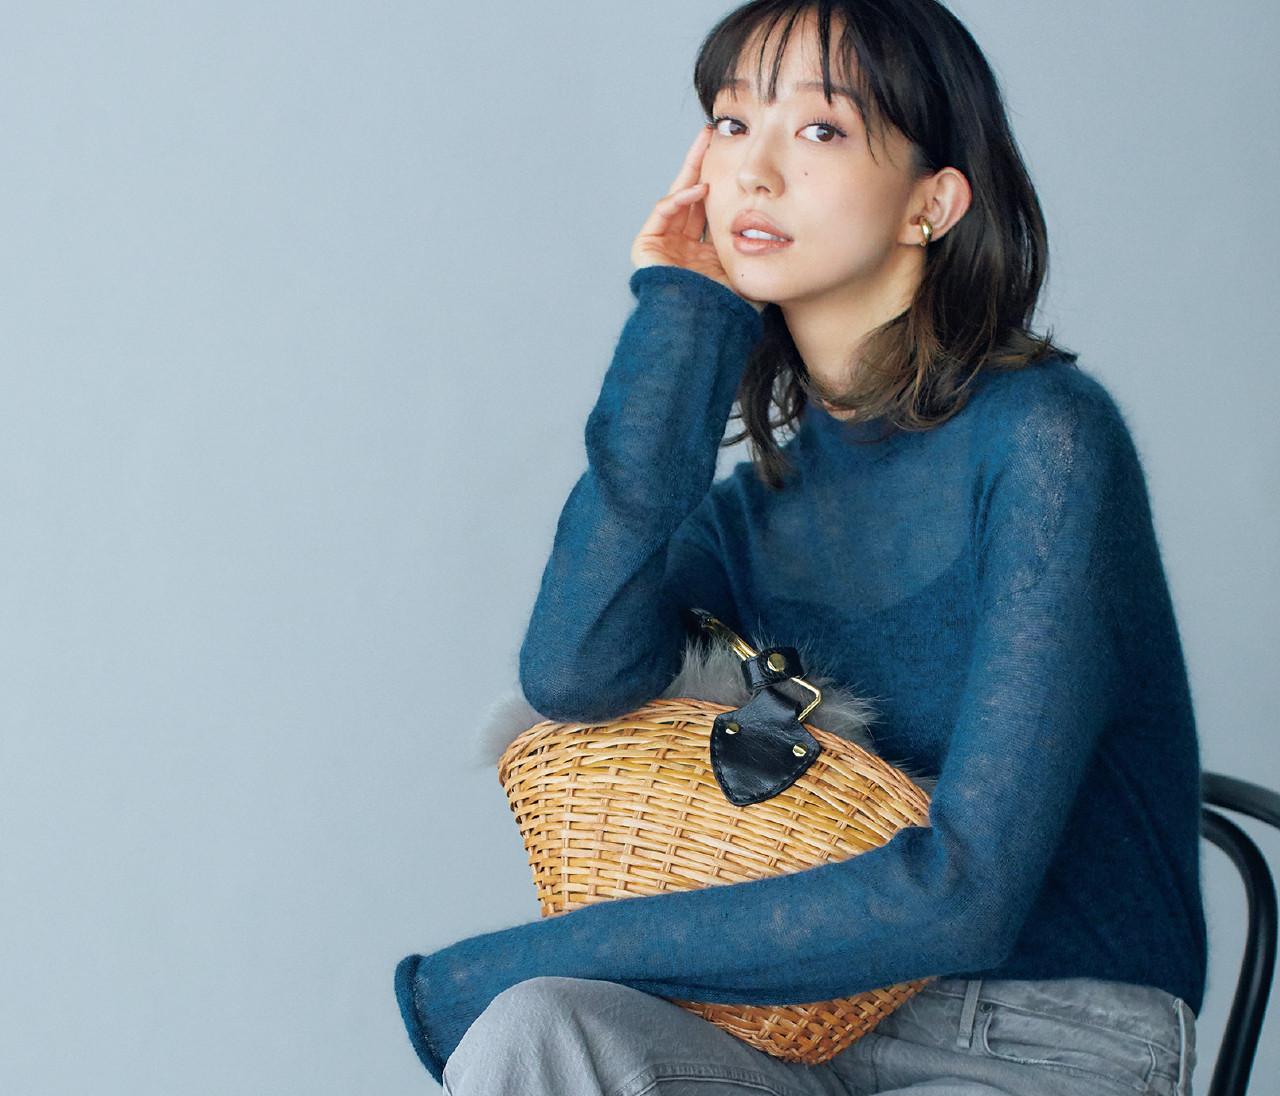 【30代冬の着やせルール2】「透けニット」は寒色系を選べばすっきり見える!